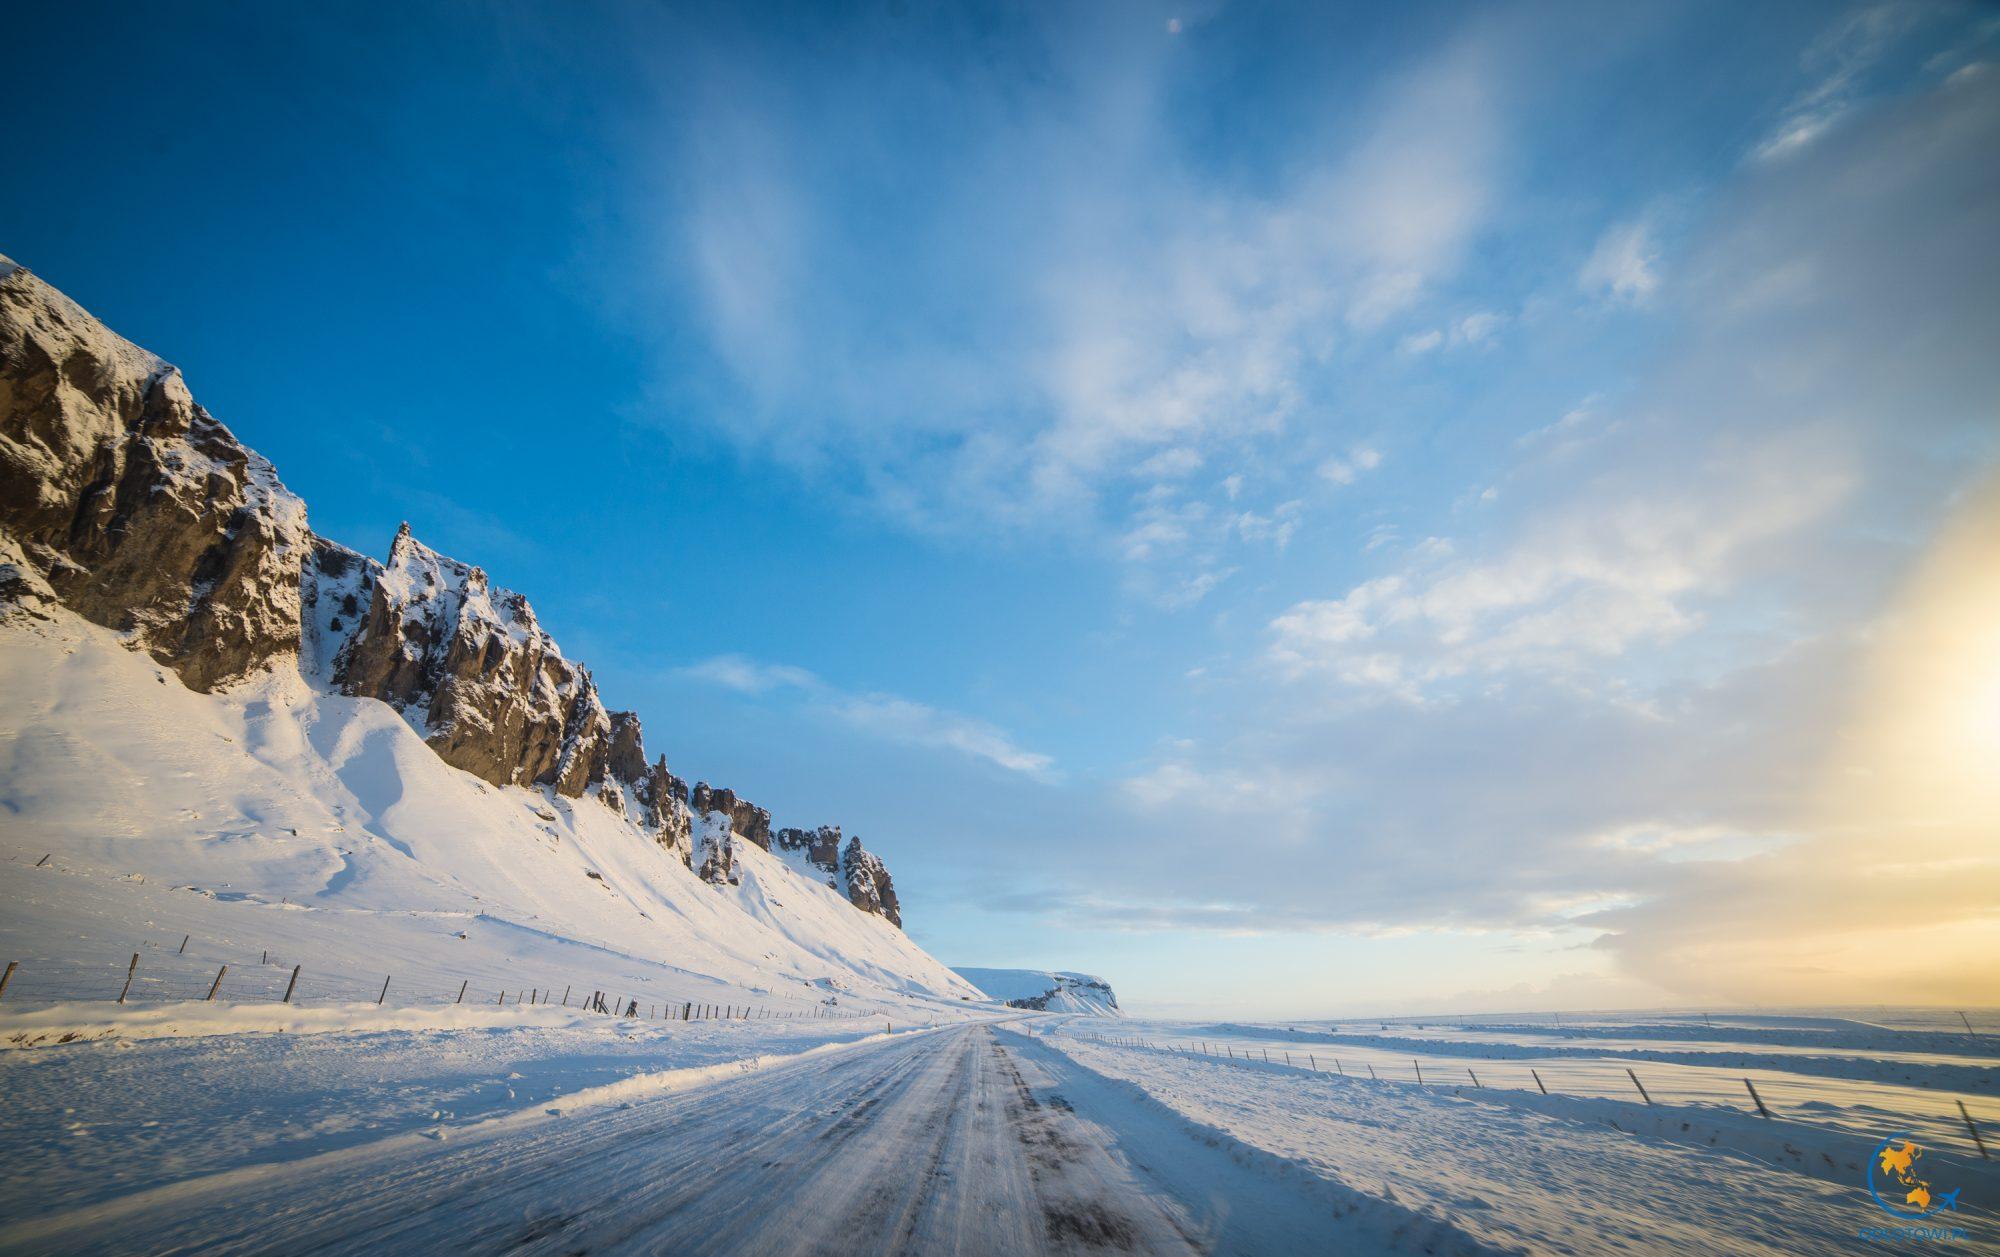 W drodze na lodowiec Vatnajokull i lagunę Jokulsarlon